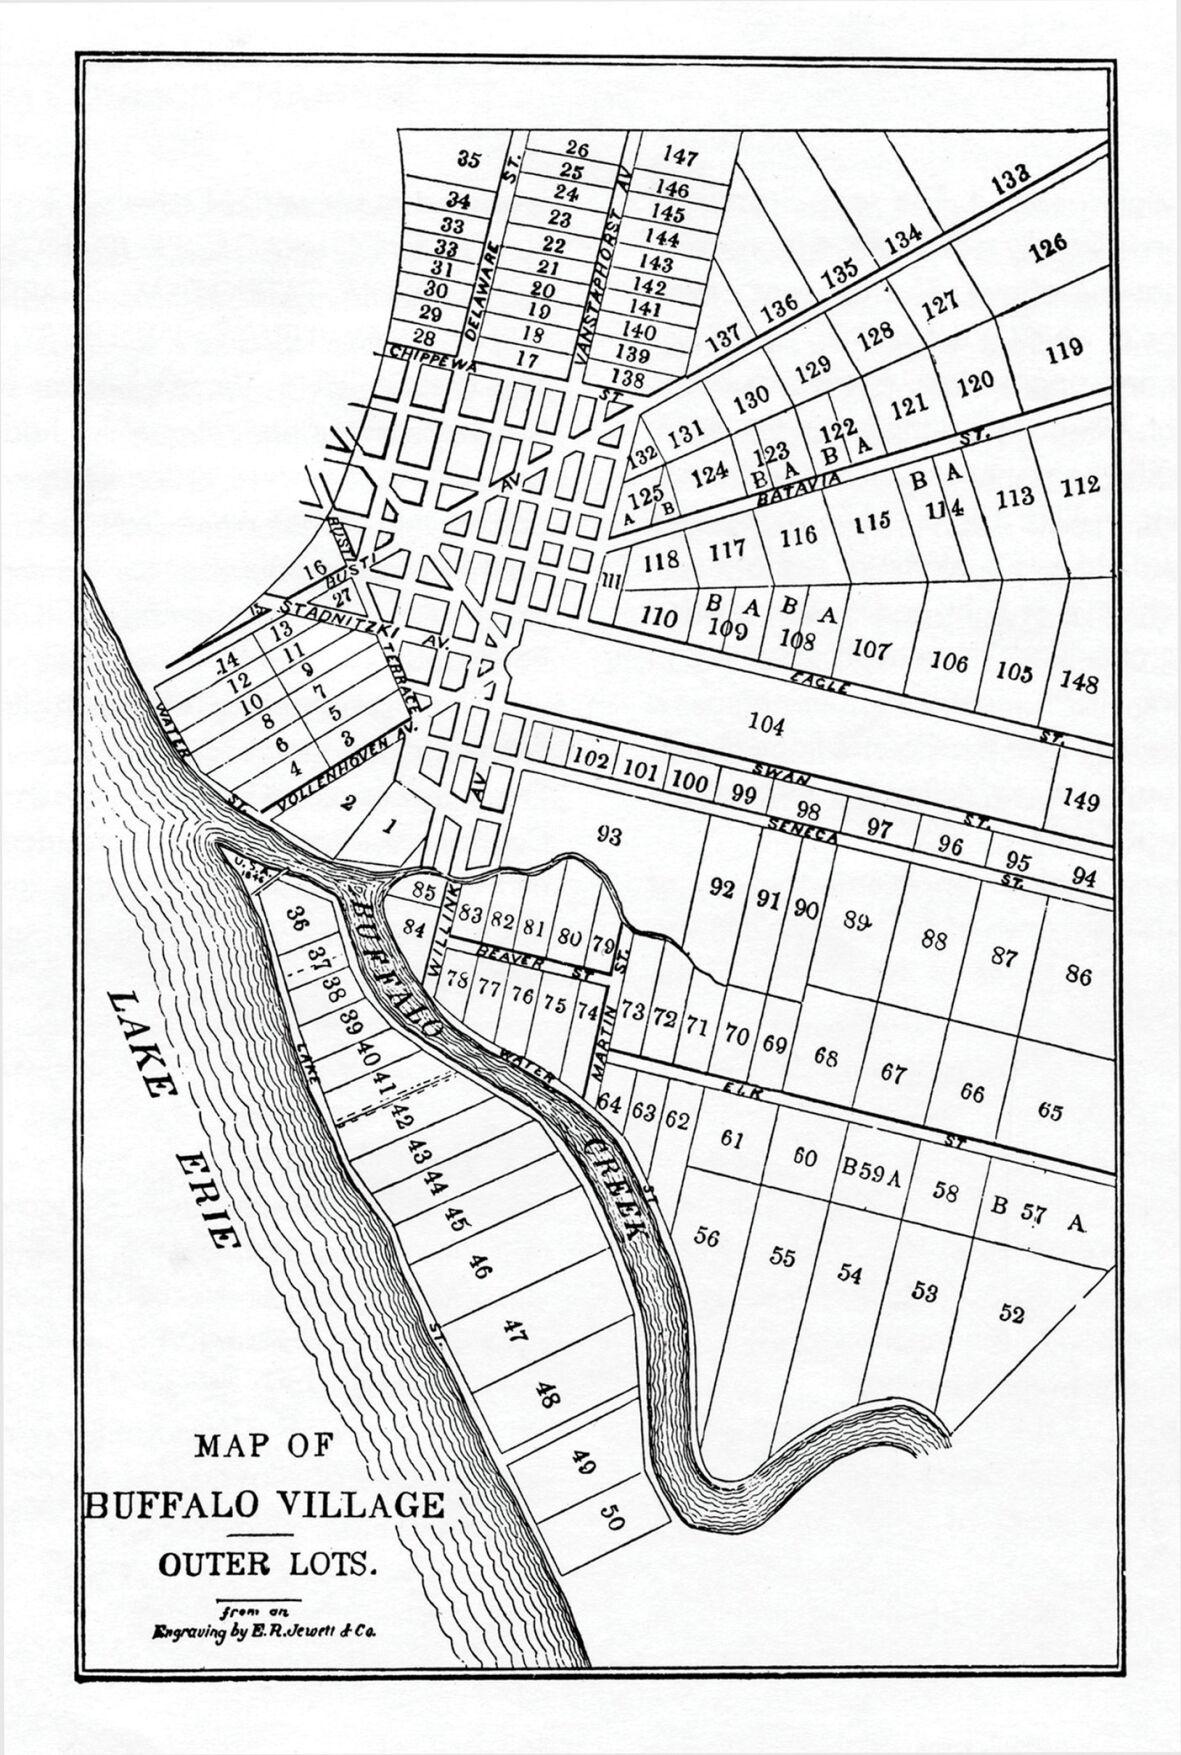 Map of Buffalo Village